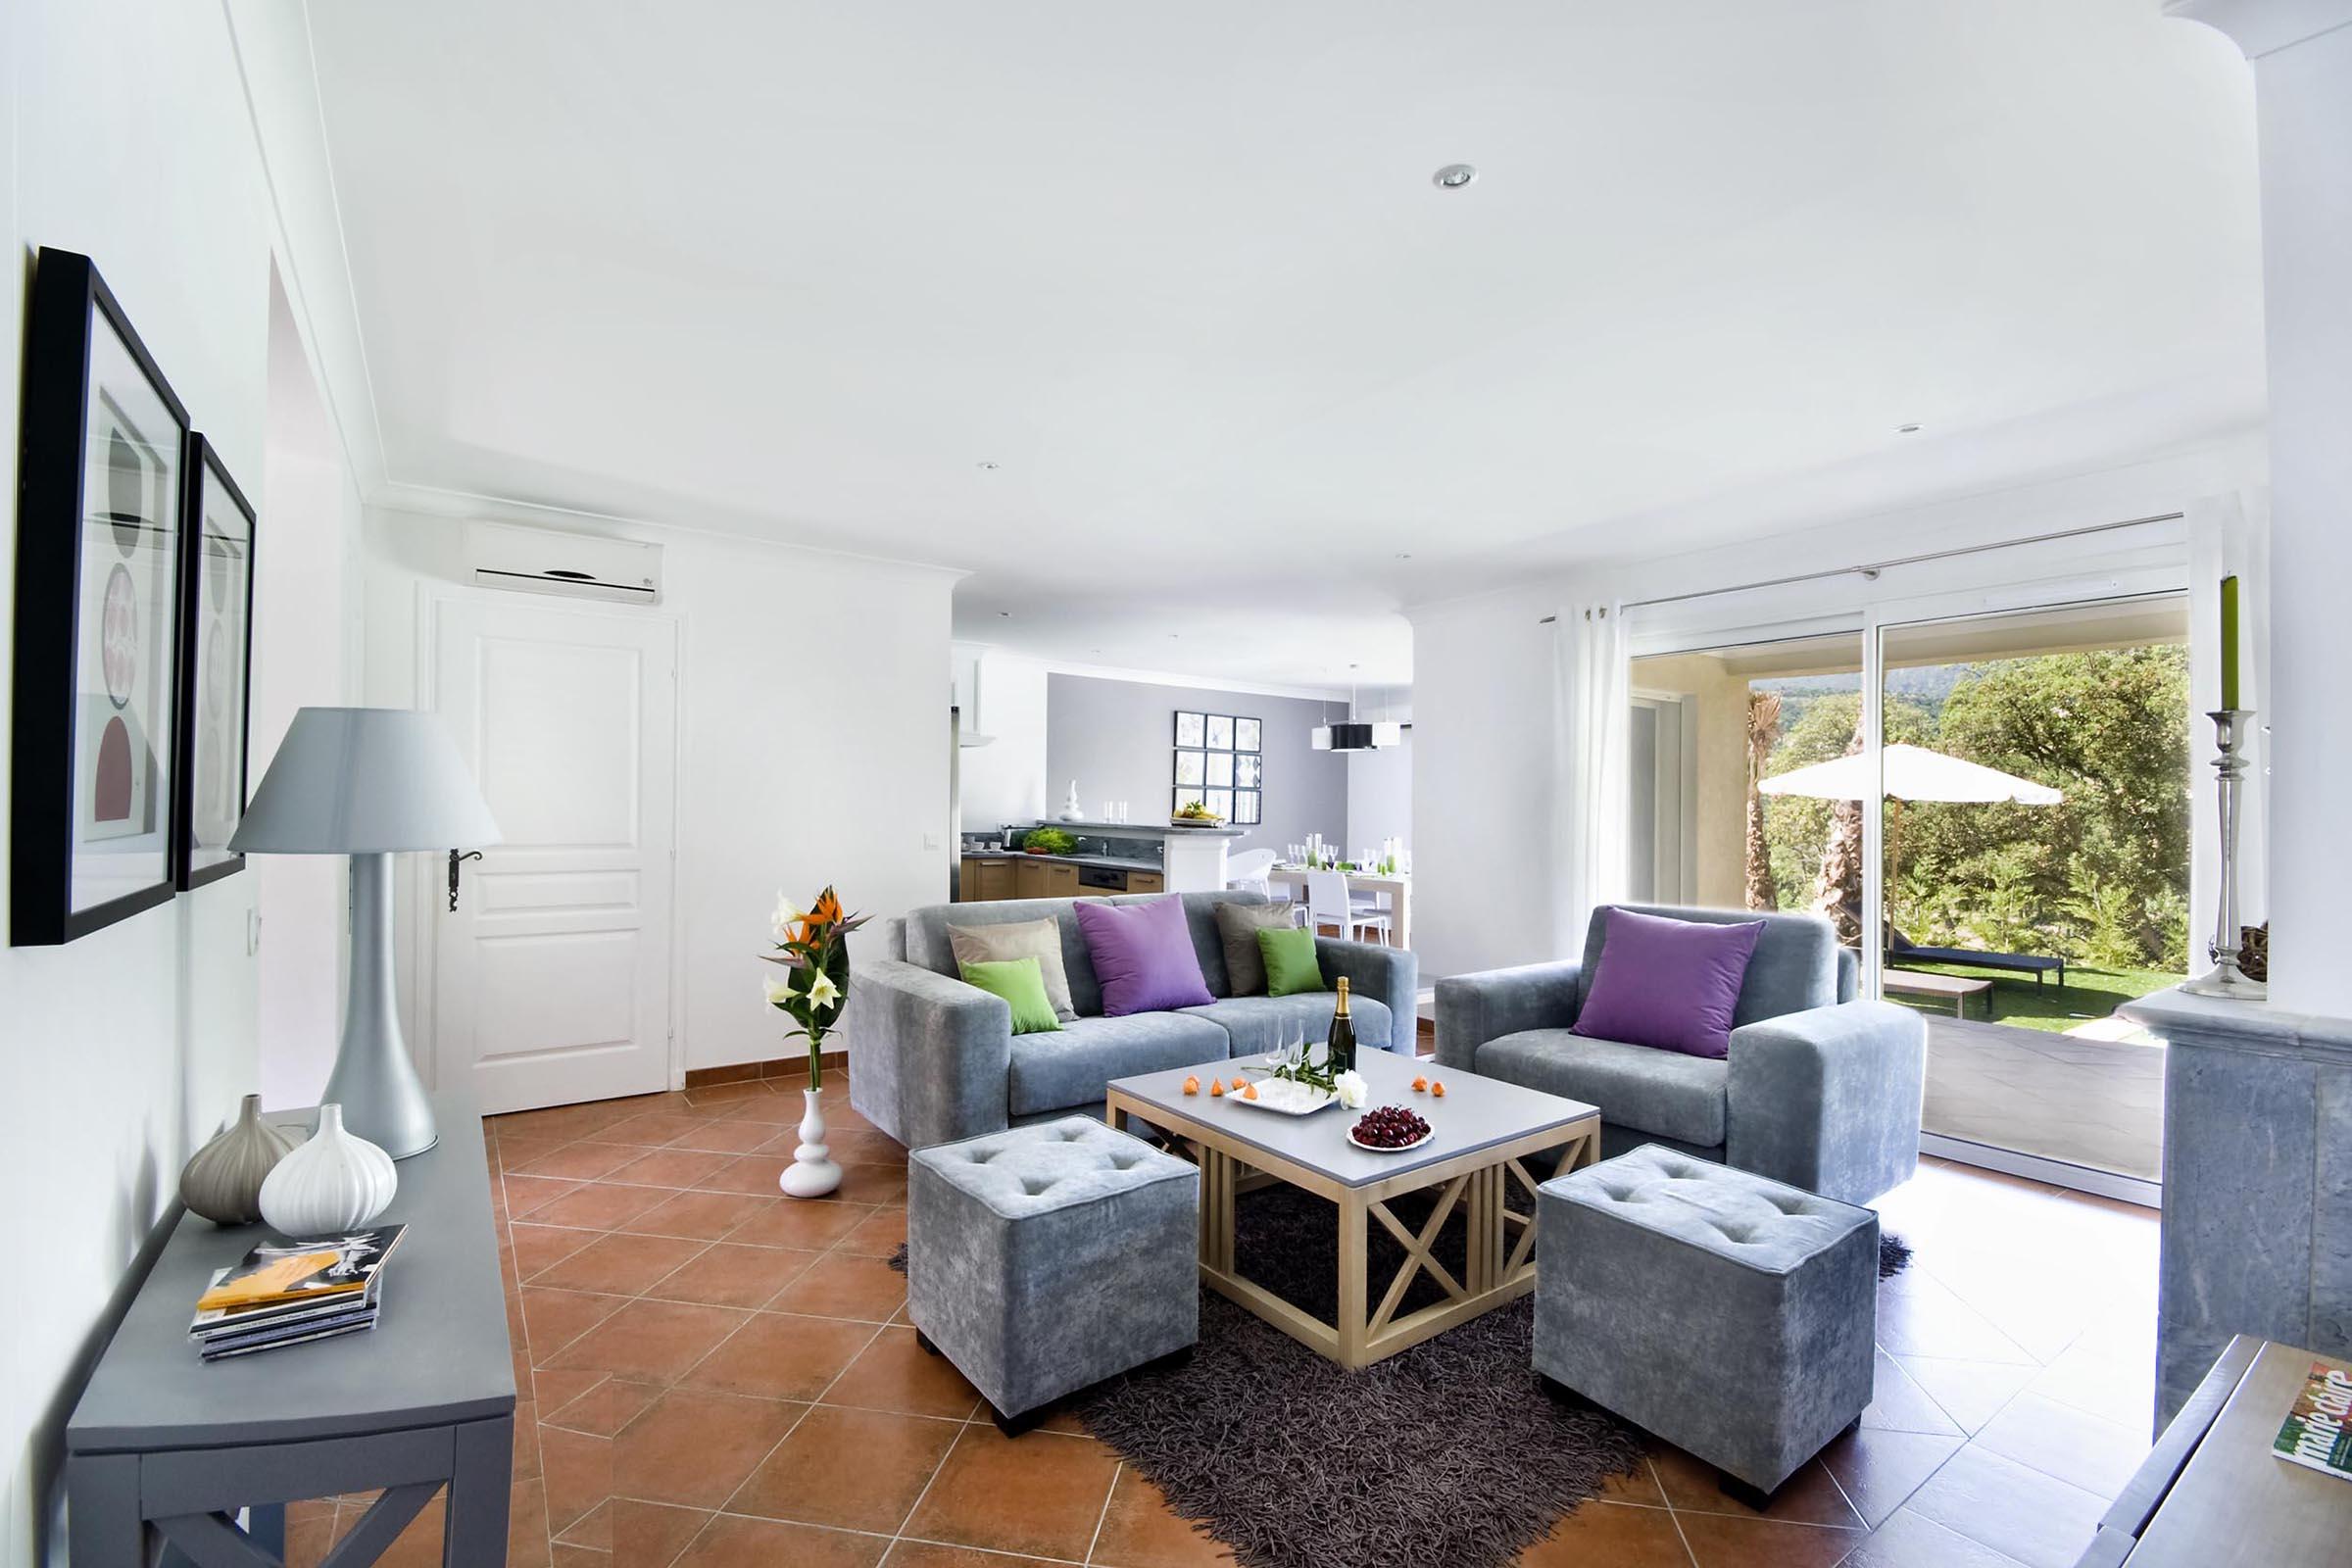 D coration d 39 int rieur et am nagement villa de luxe - Decoration luxe interieur ...